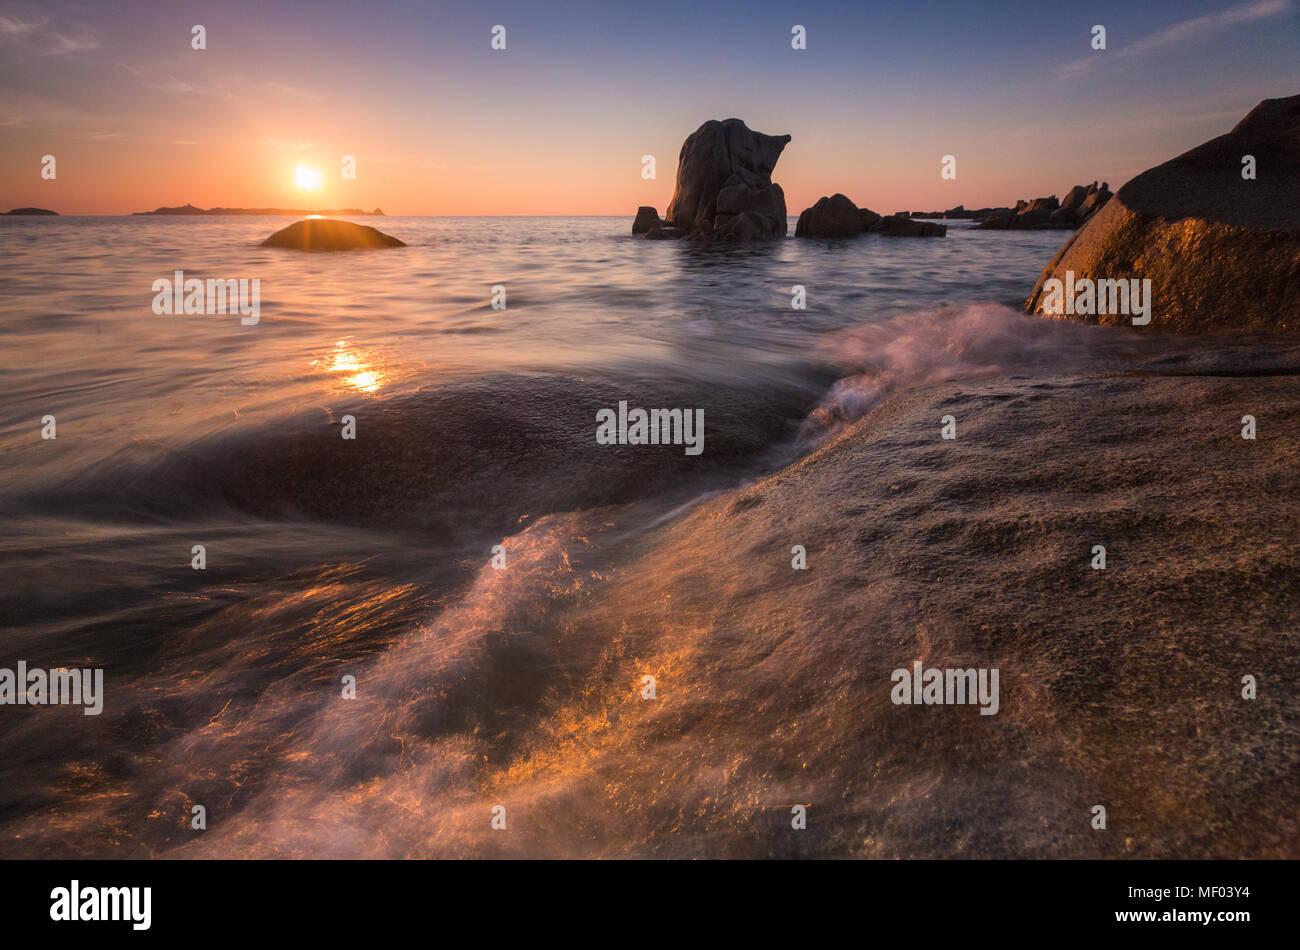 Vagues se briser sur les falaises sous le Fiery sky au lever de Punta Molentis Villasimius Cagliari Sardaigne Italie Europe Photo Stock